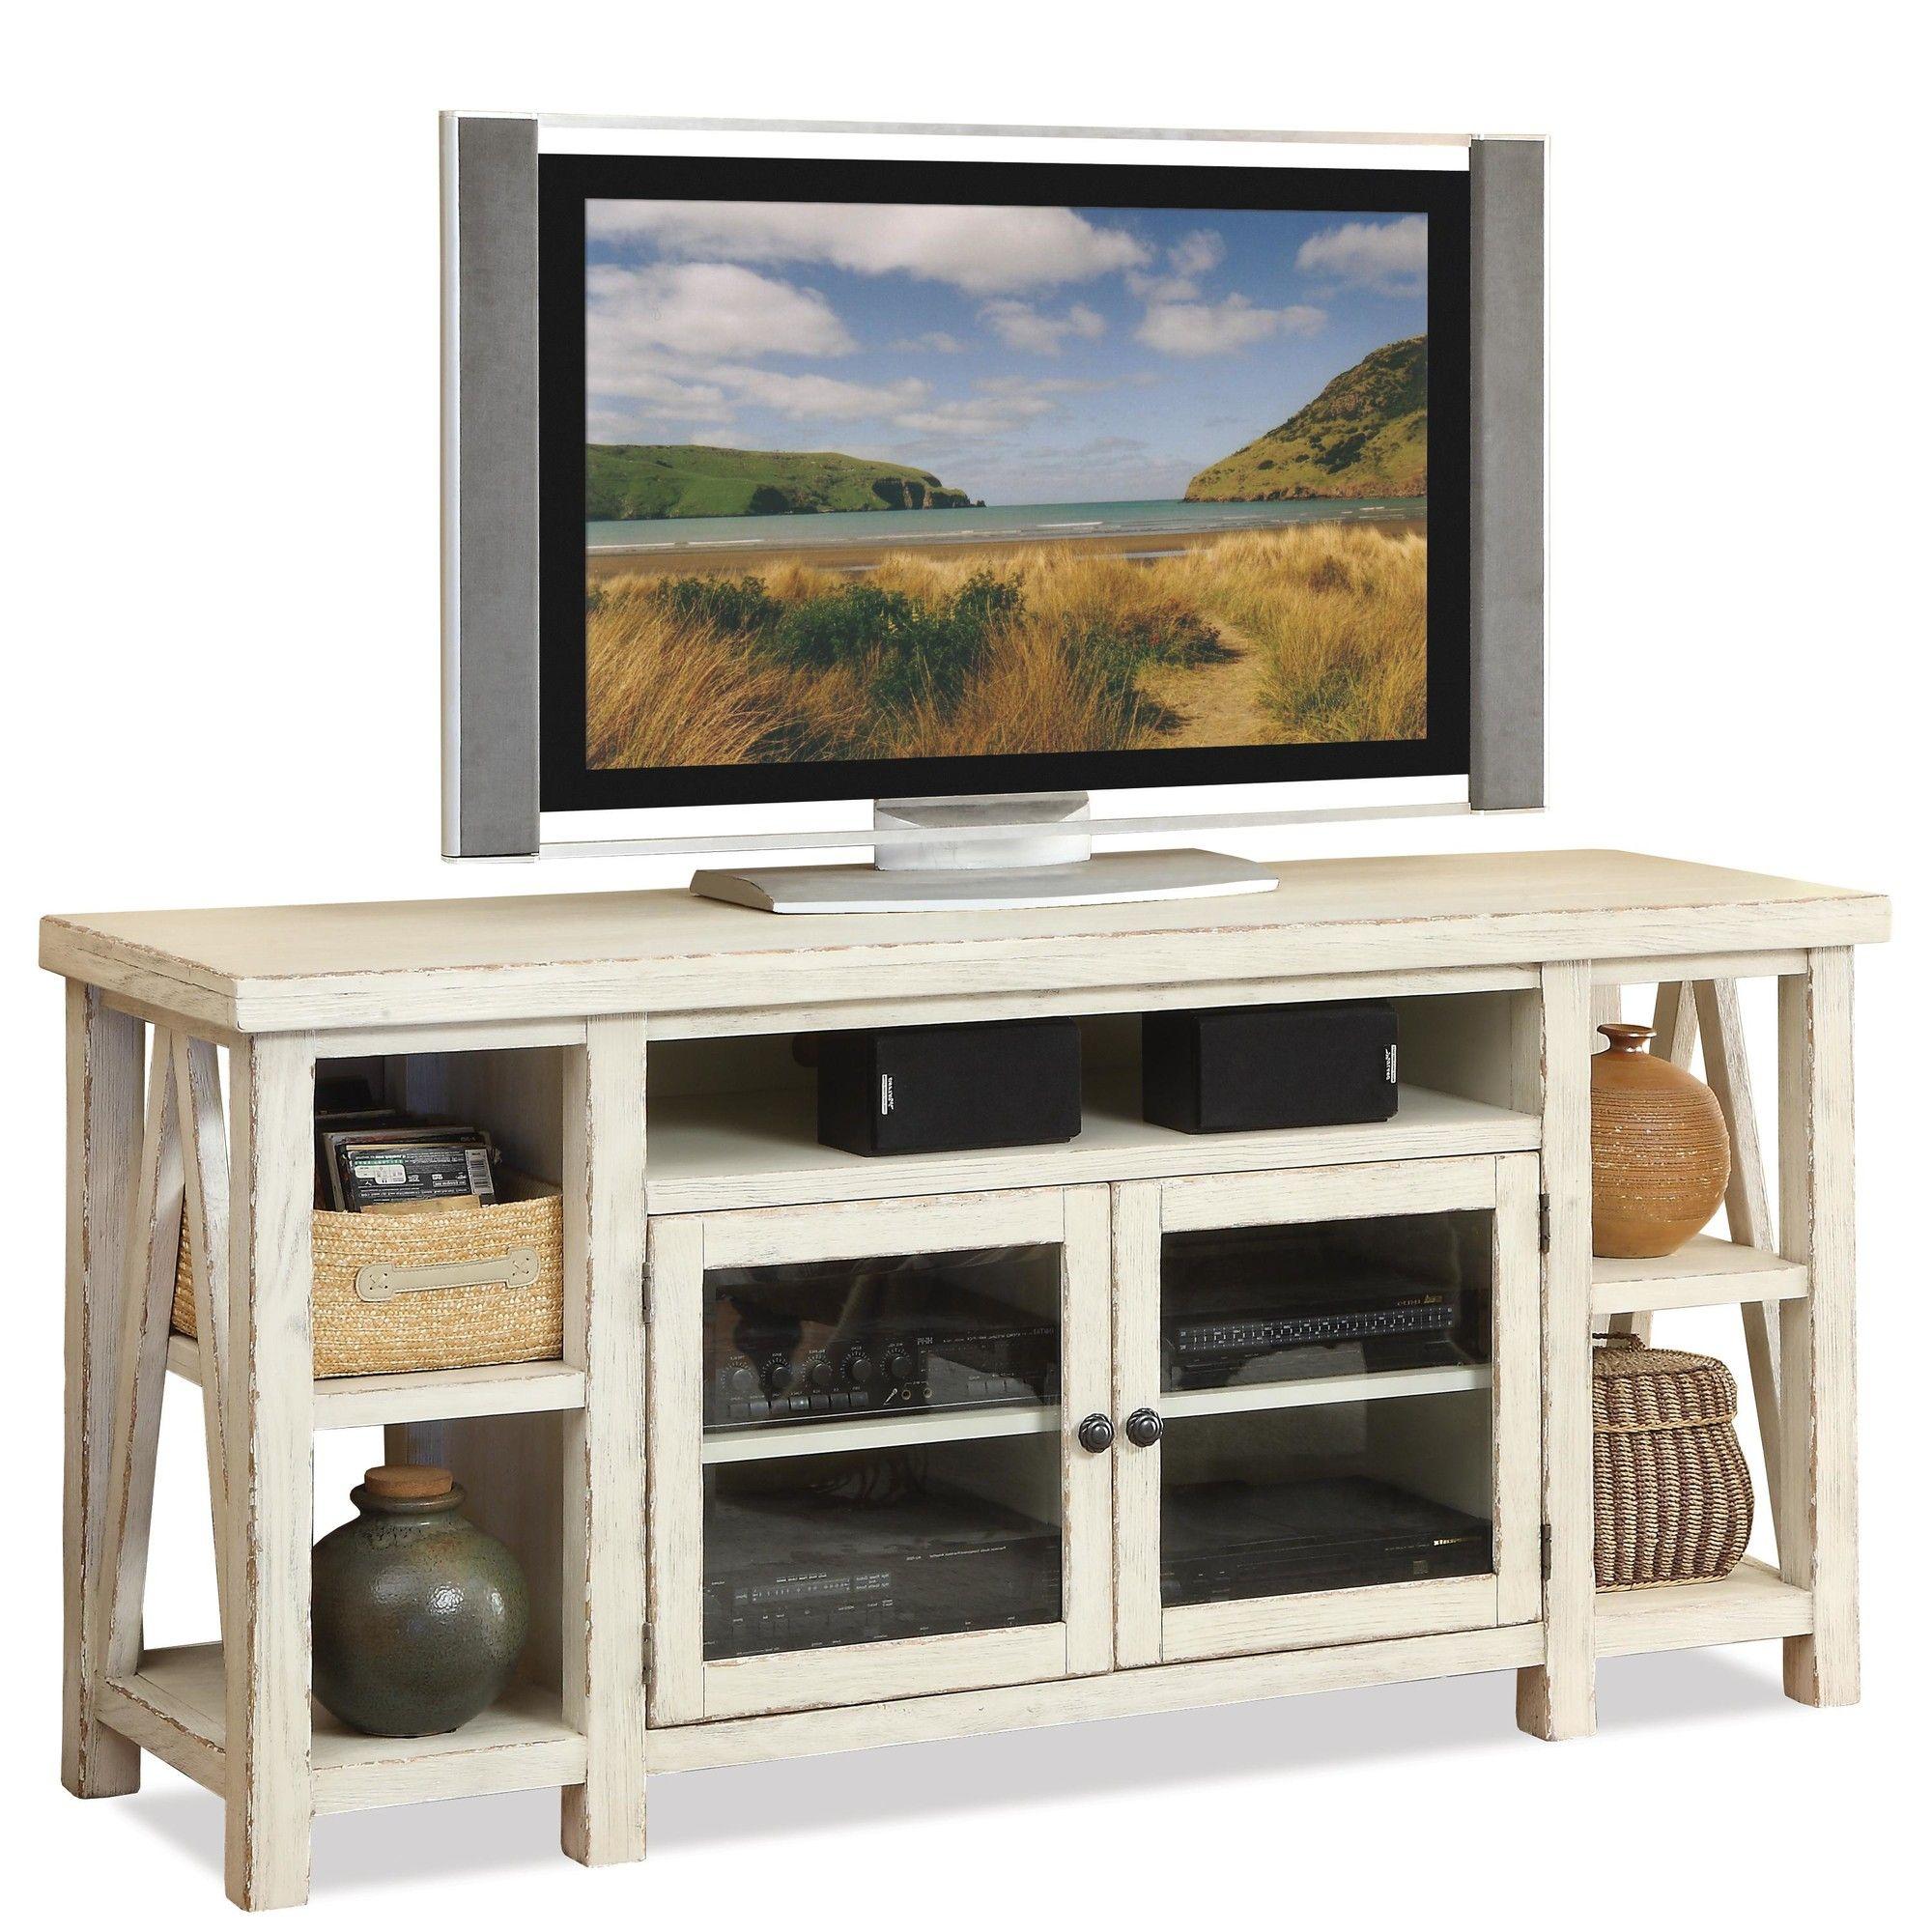 Attractive Riverside Furniture Aberdeen TV Stand U0026 Reviews | Wayfair